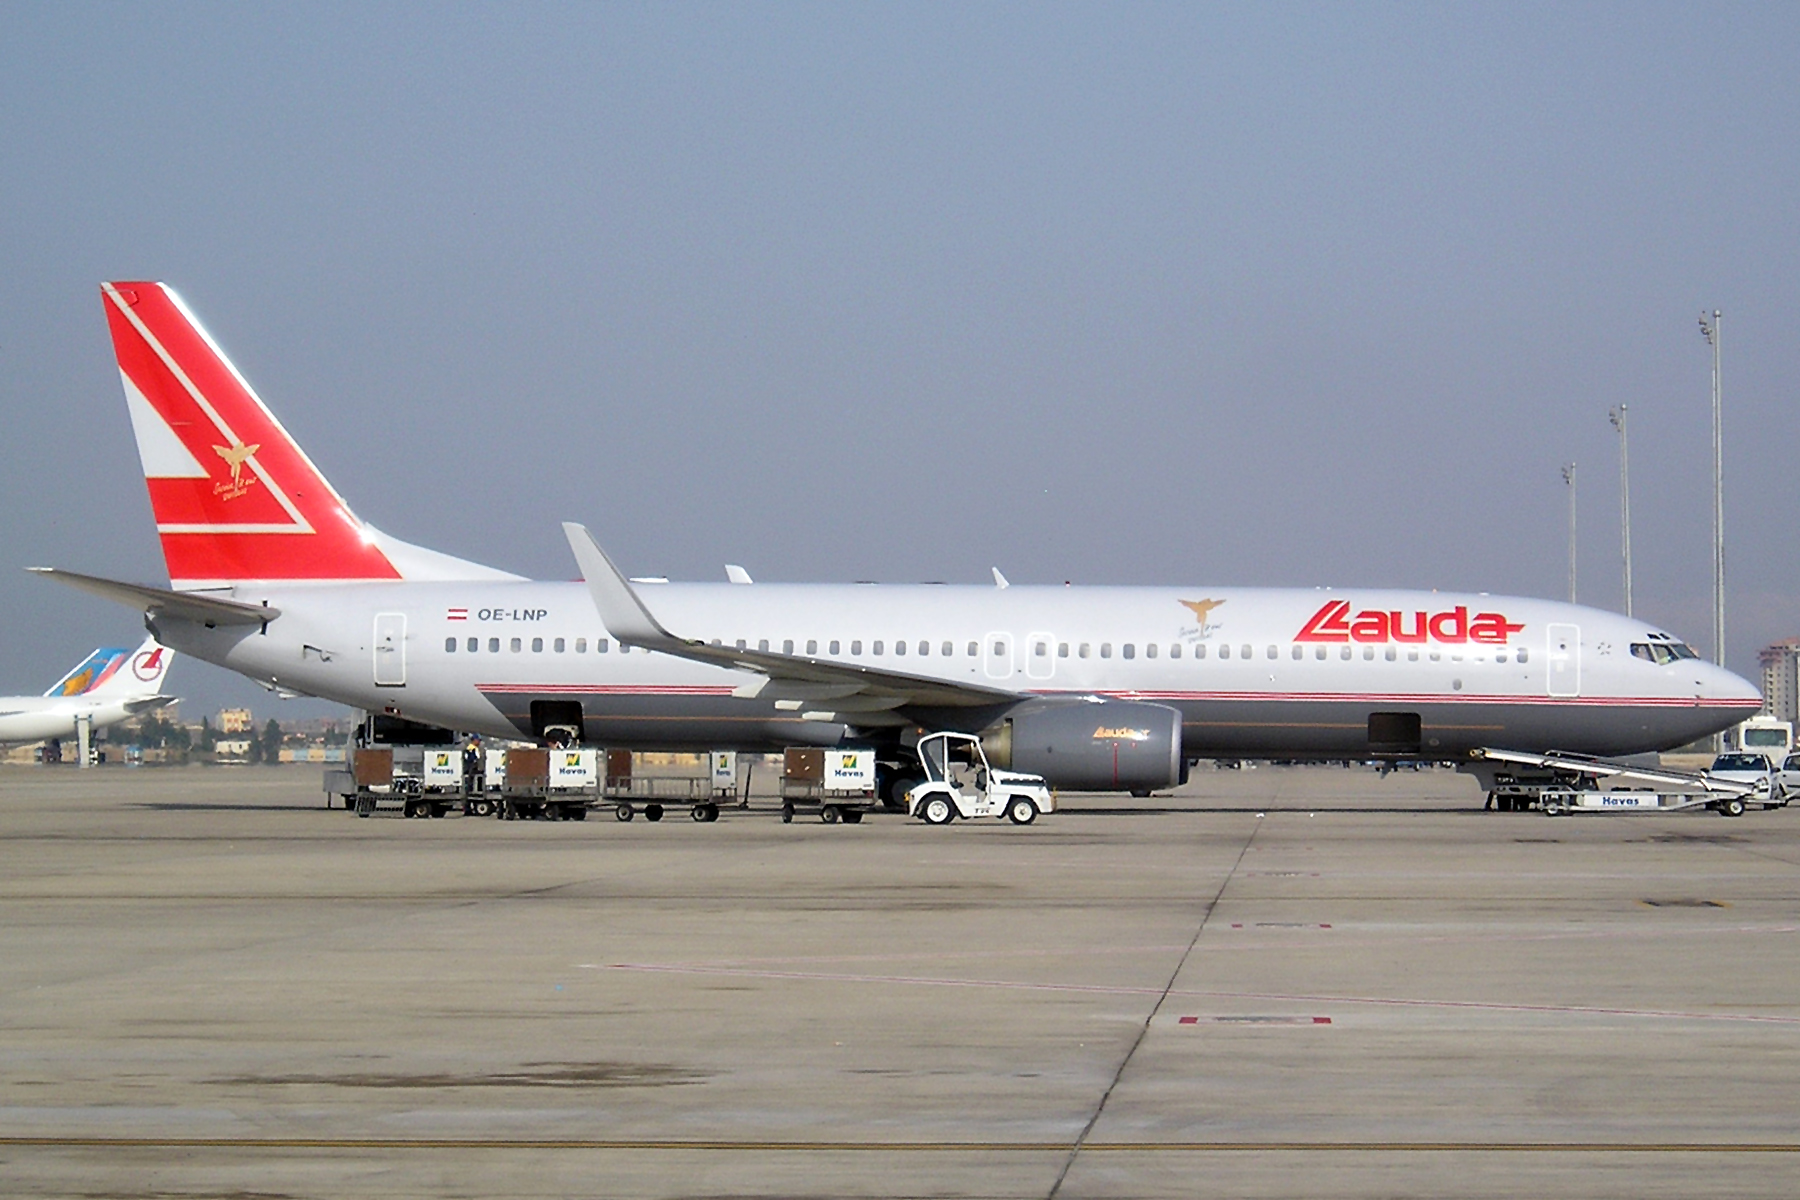 Авиакомпания Лауда Эйр (Lauda Air). Официальный сайт.2